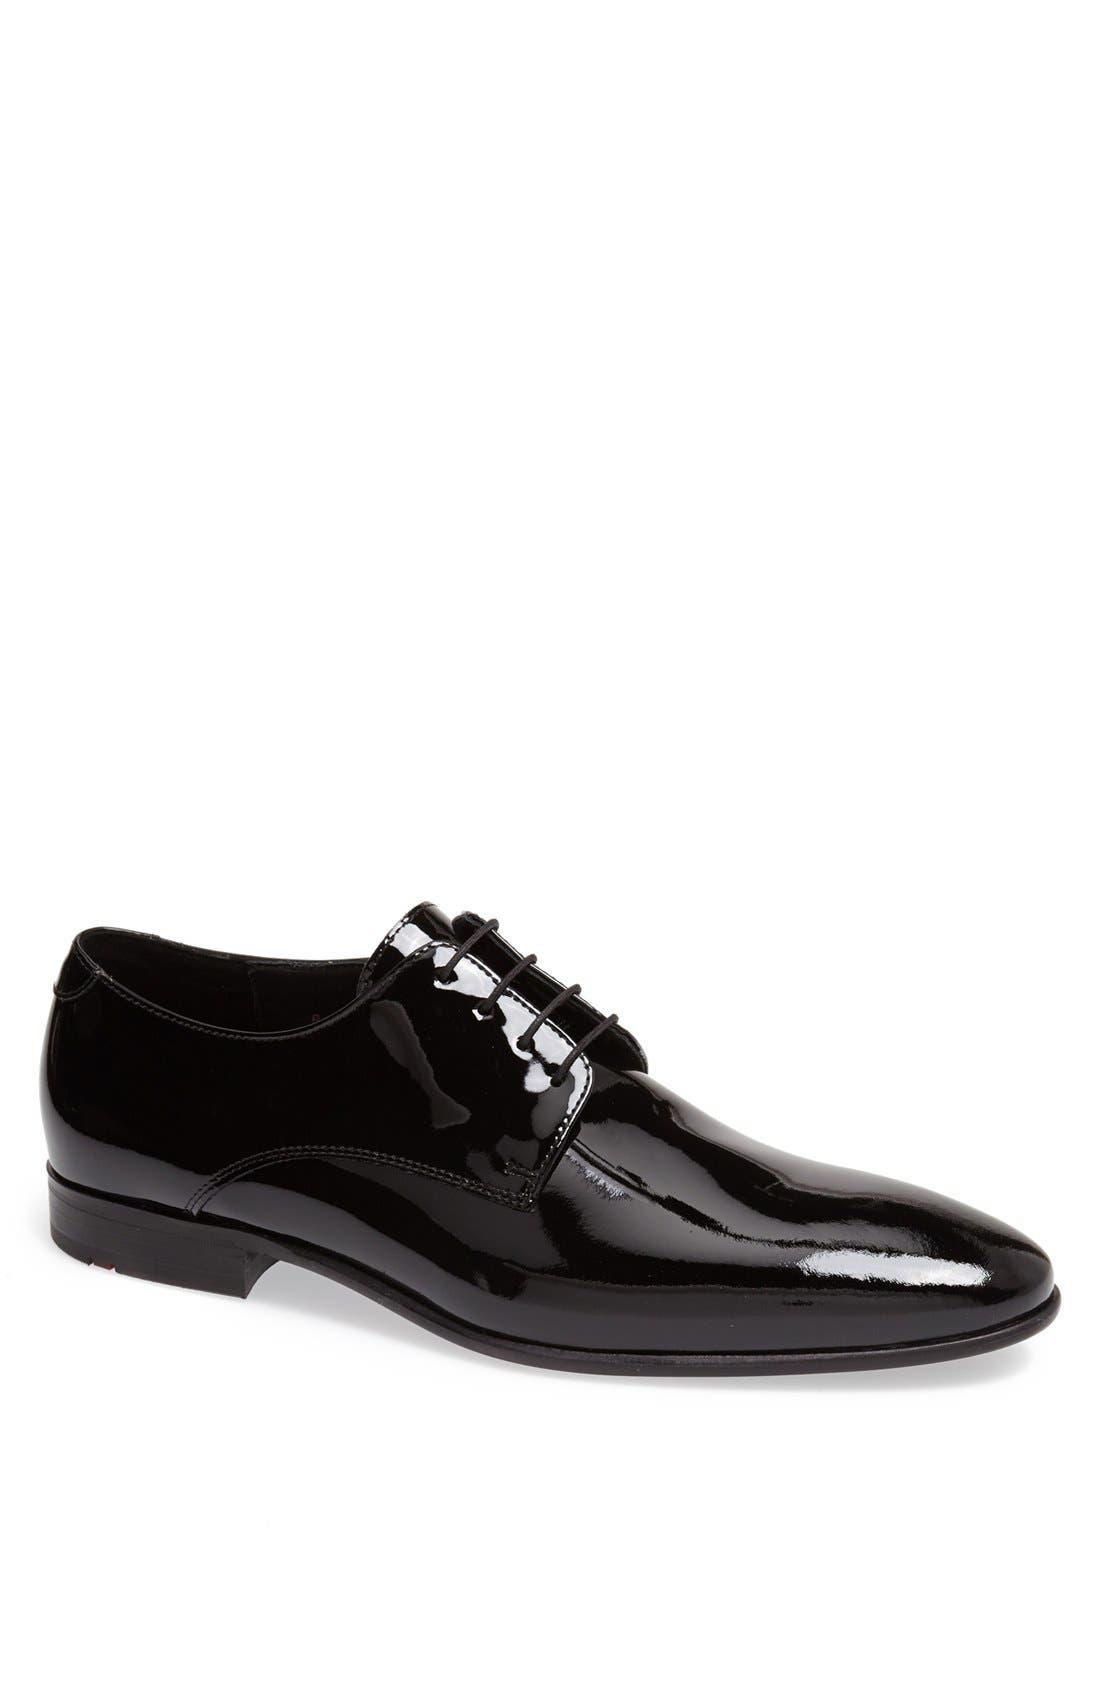 'Jerez' Plain Toe Derby,                         Main,                         color, Black Patent